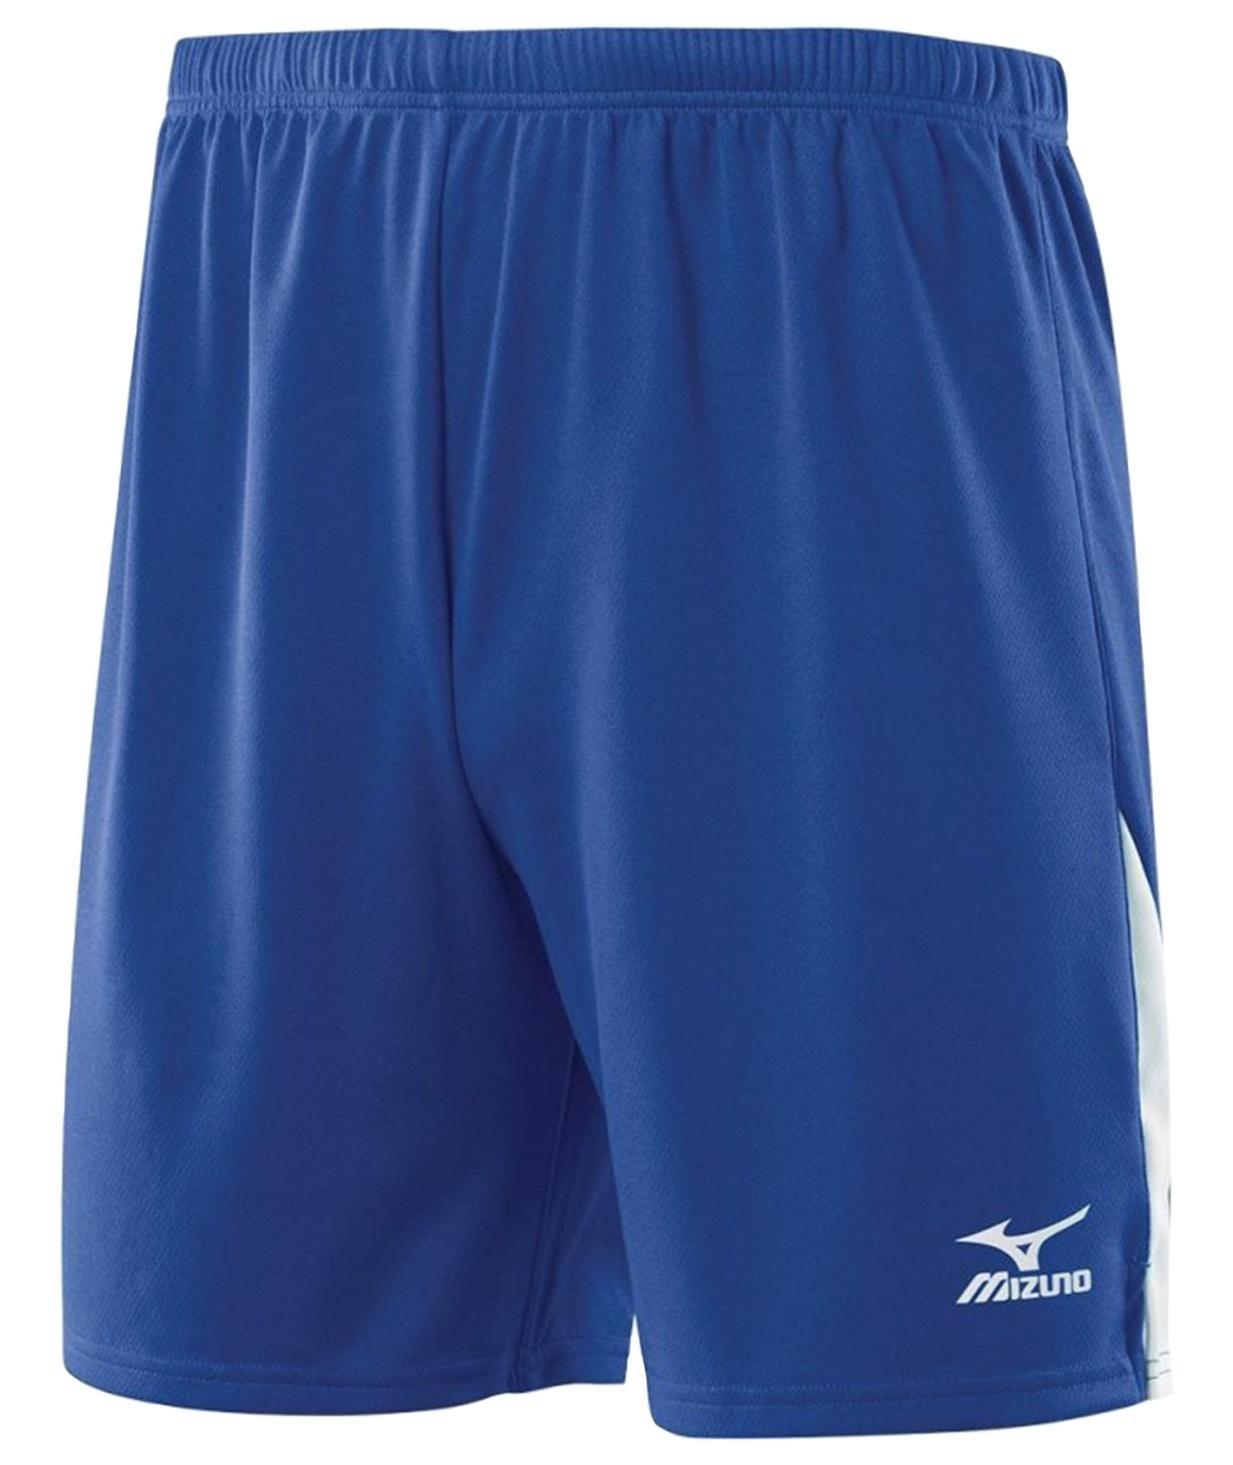 Мужские волейбольные шорты Mizuno Trade Short (59RM352M 27) синие